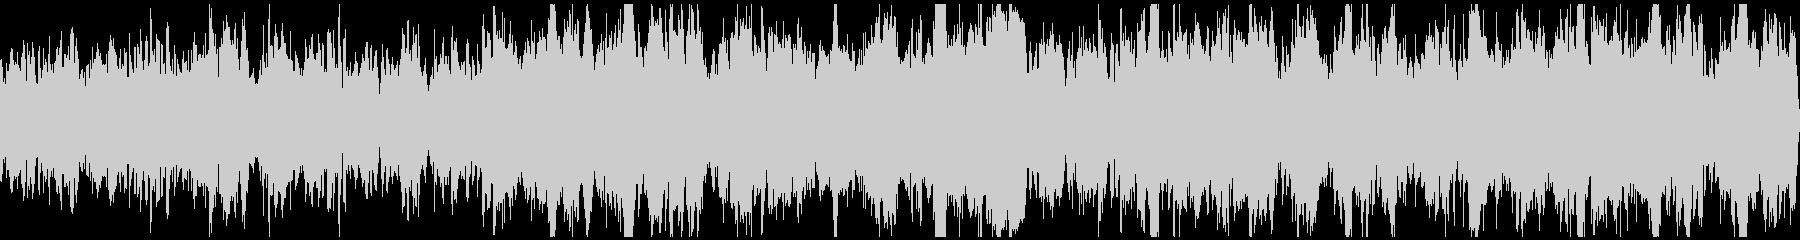 ファンタジー村BGMの未再生の波形